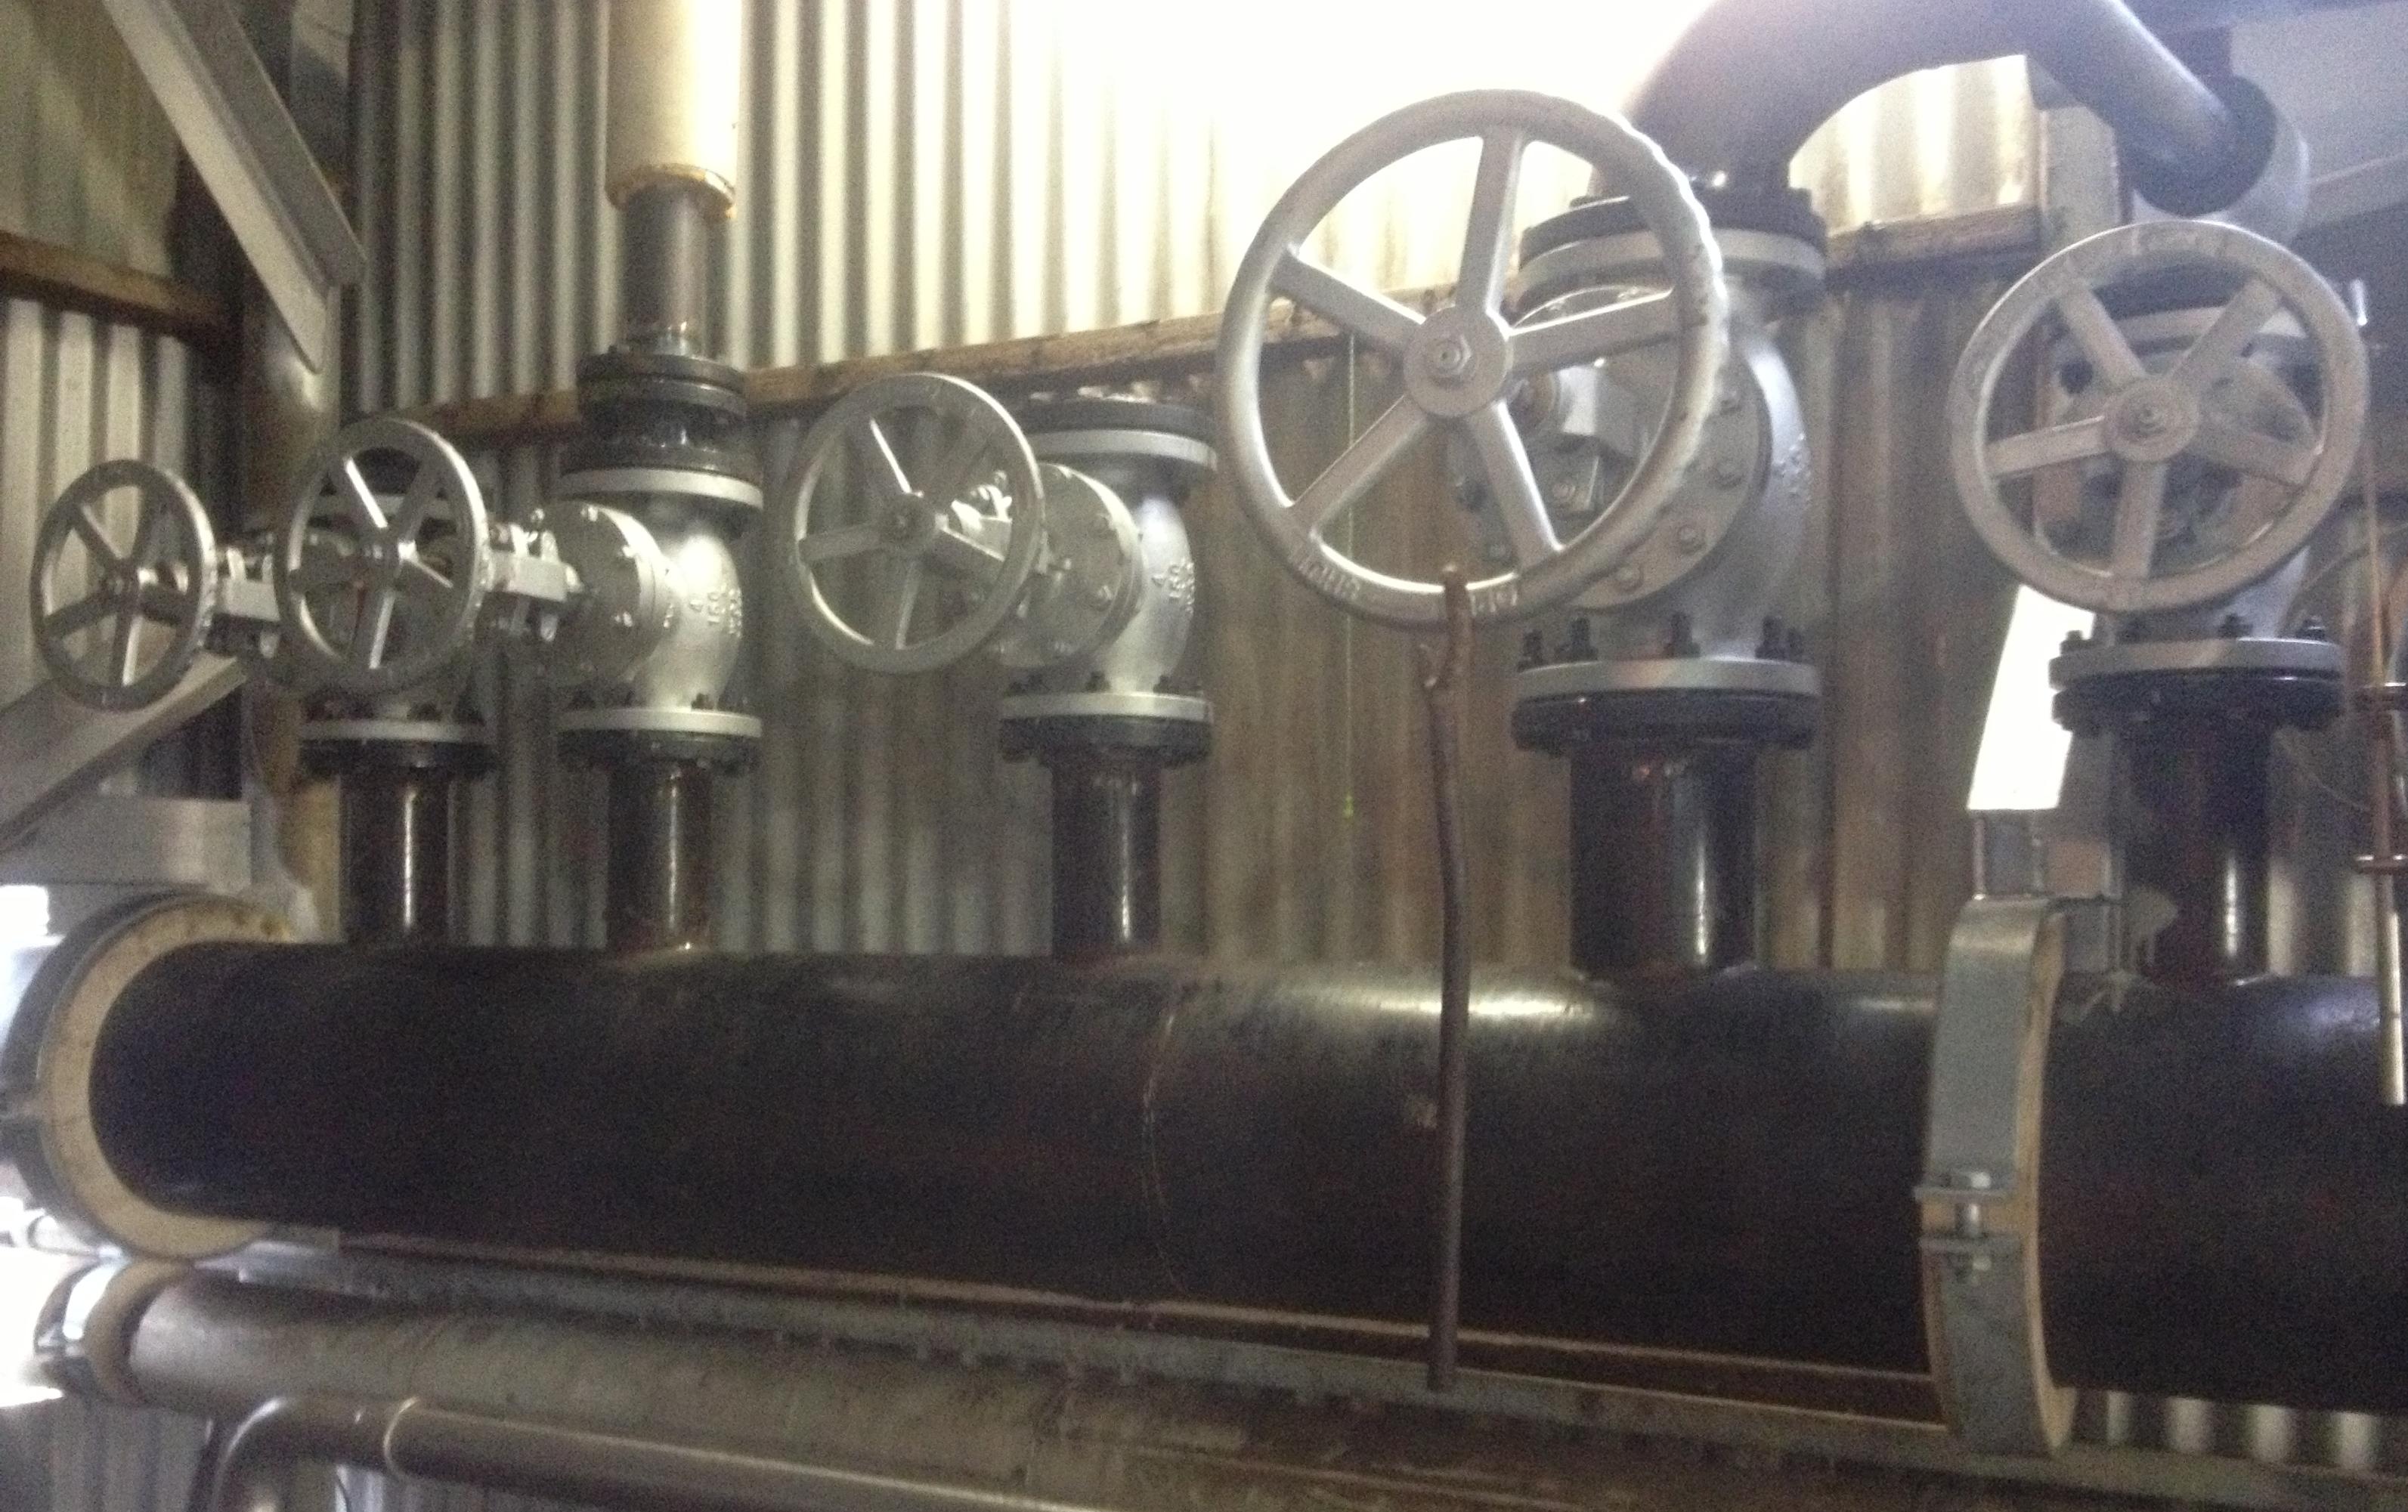 Industrial Grade Water Pumps Contractor Sydney